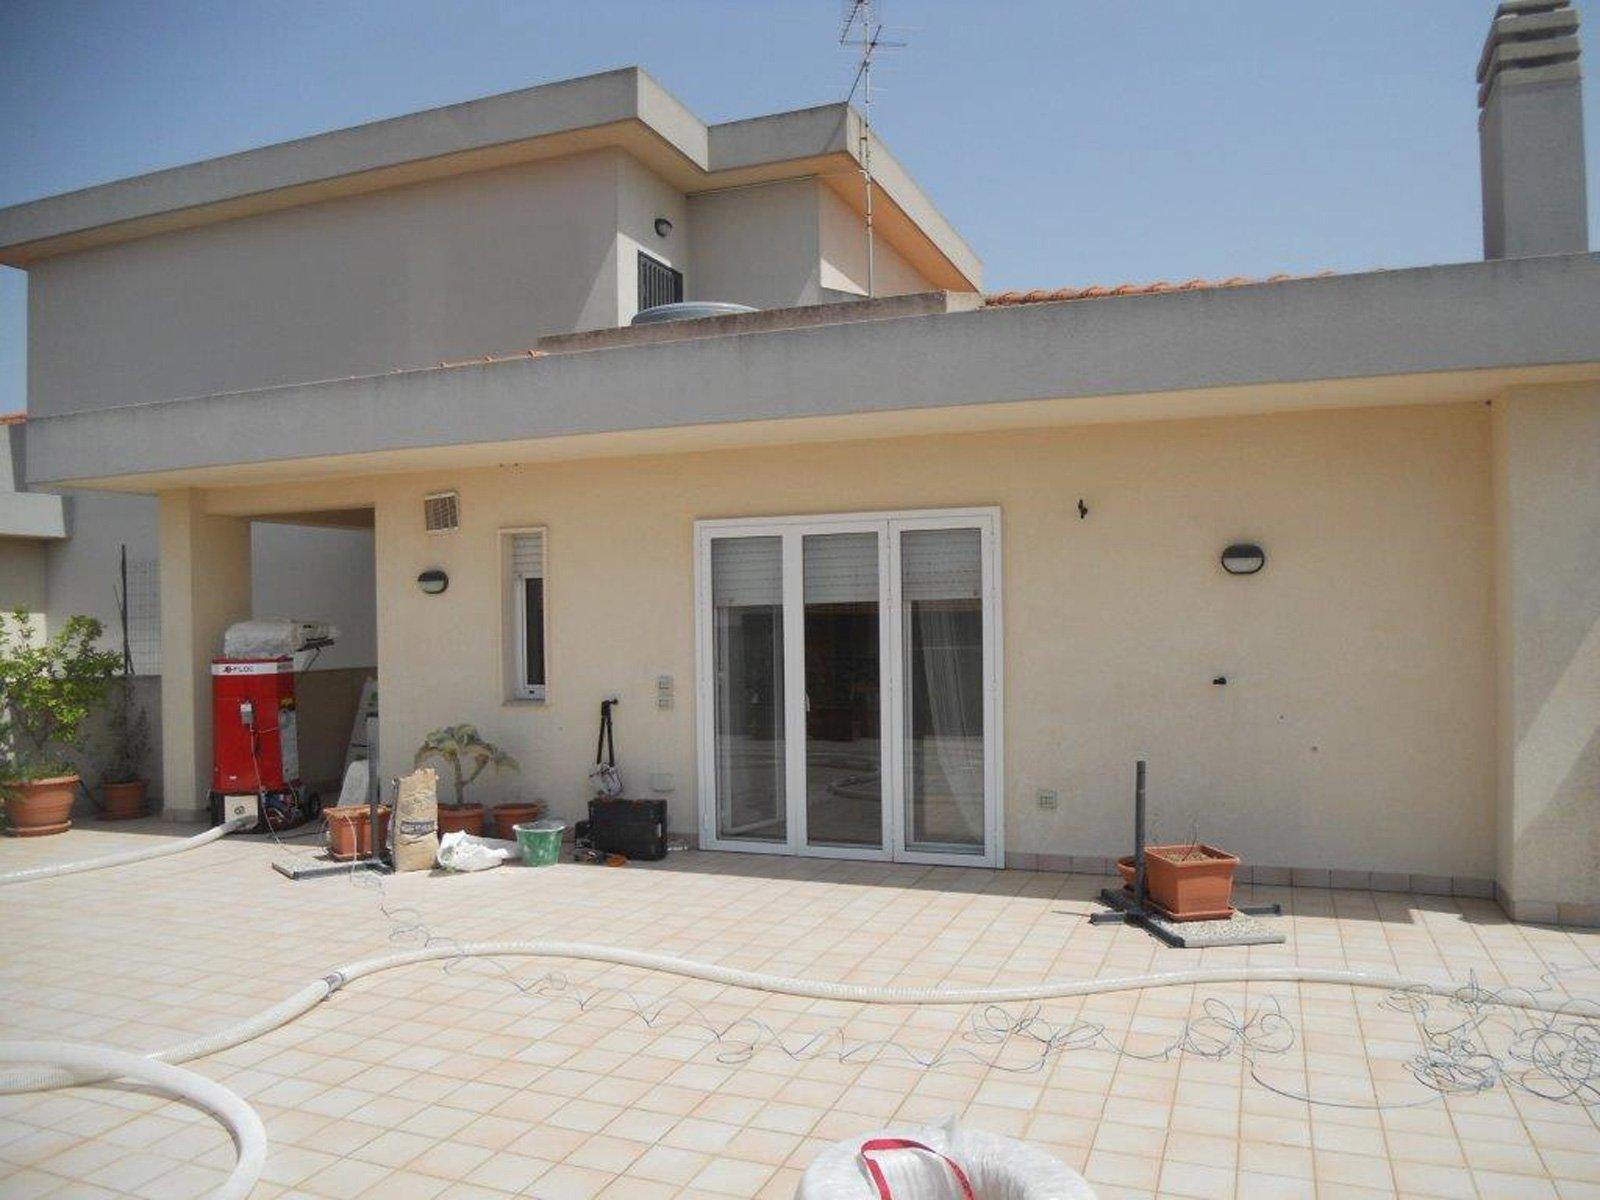 Isolamento termico come ridurre i consumi energetici in - Colori per casa esterno ...